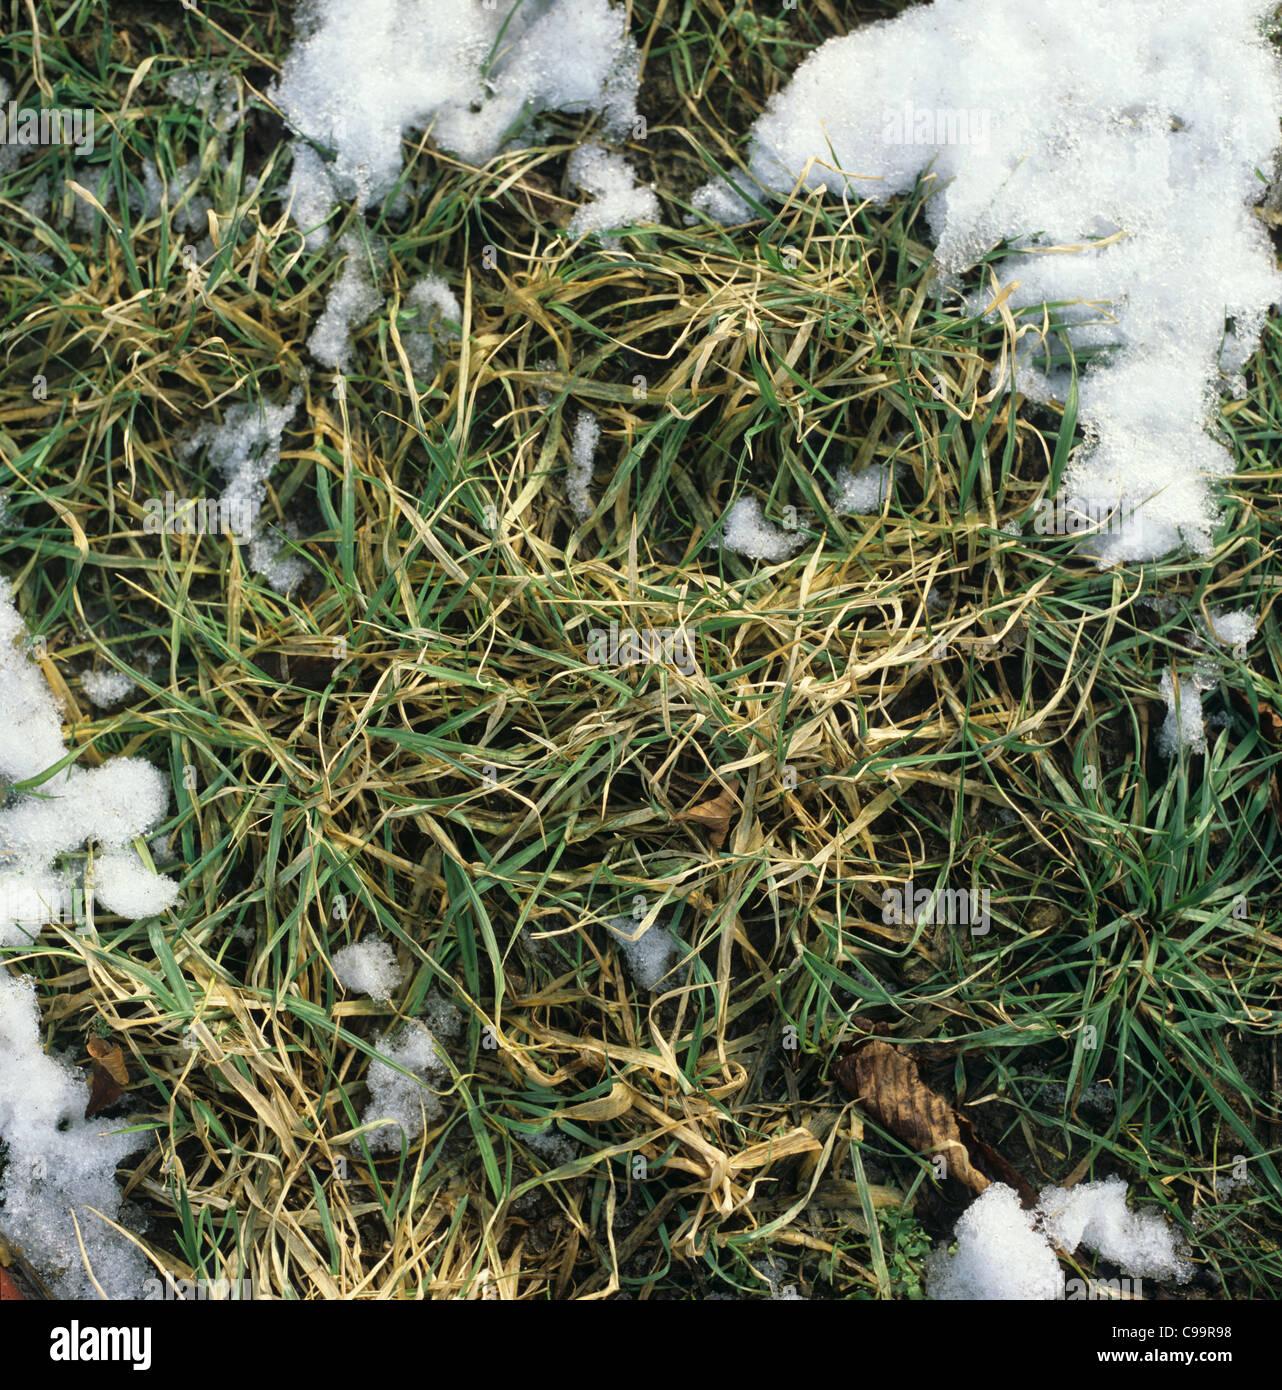 La cubierta de nieve se aleja dejando muertos y moribundos cosecha de cebada de invierno: el invierno matar Foto de stock